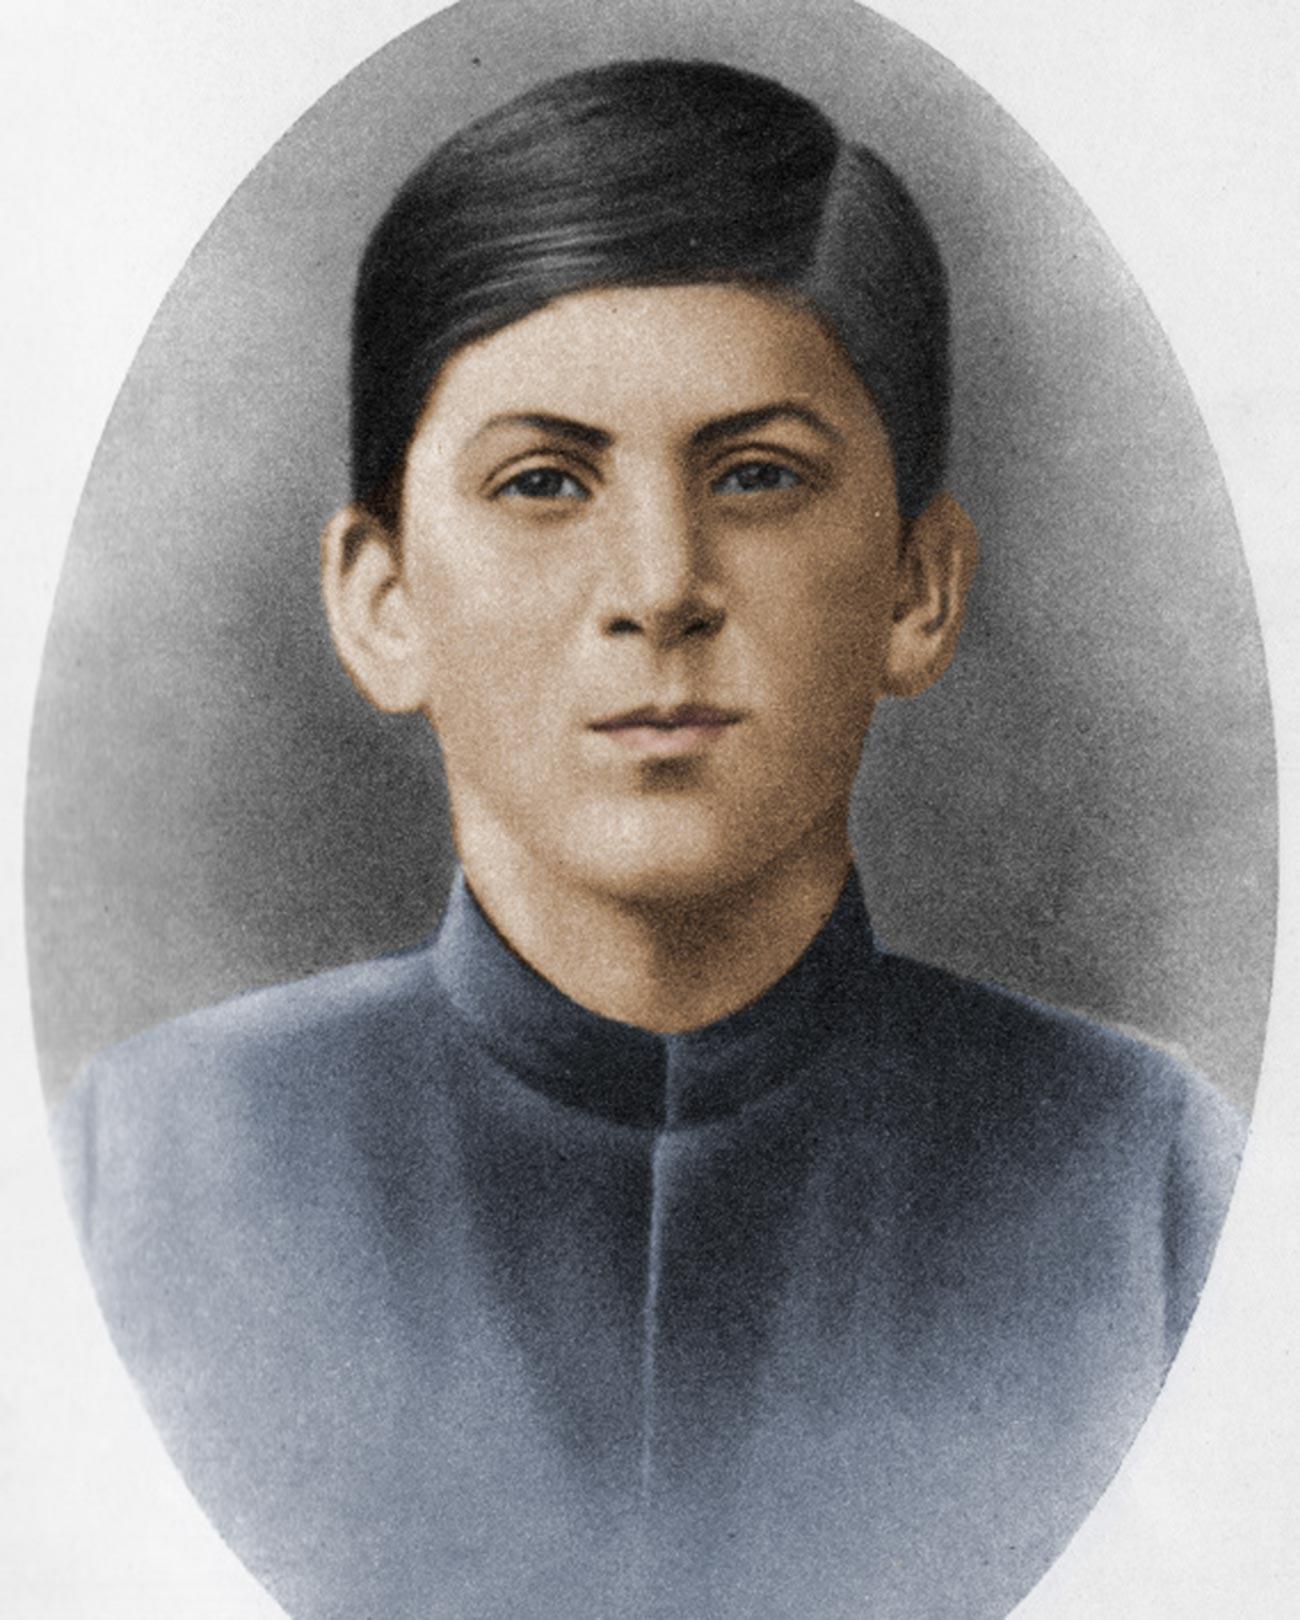 Stalin in 1894.